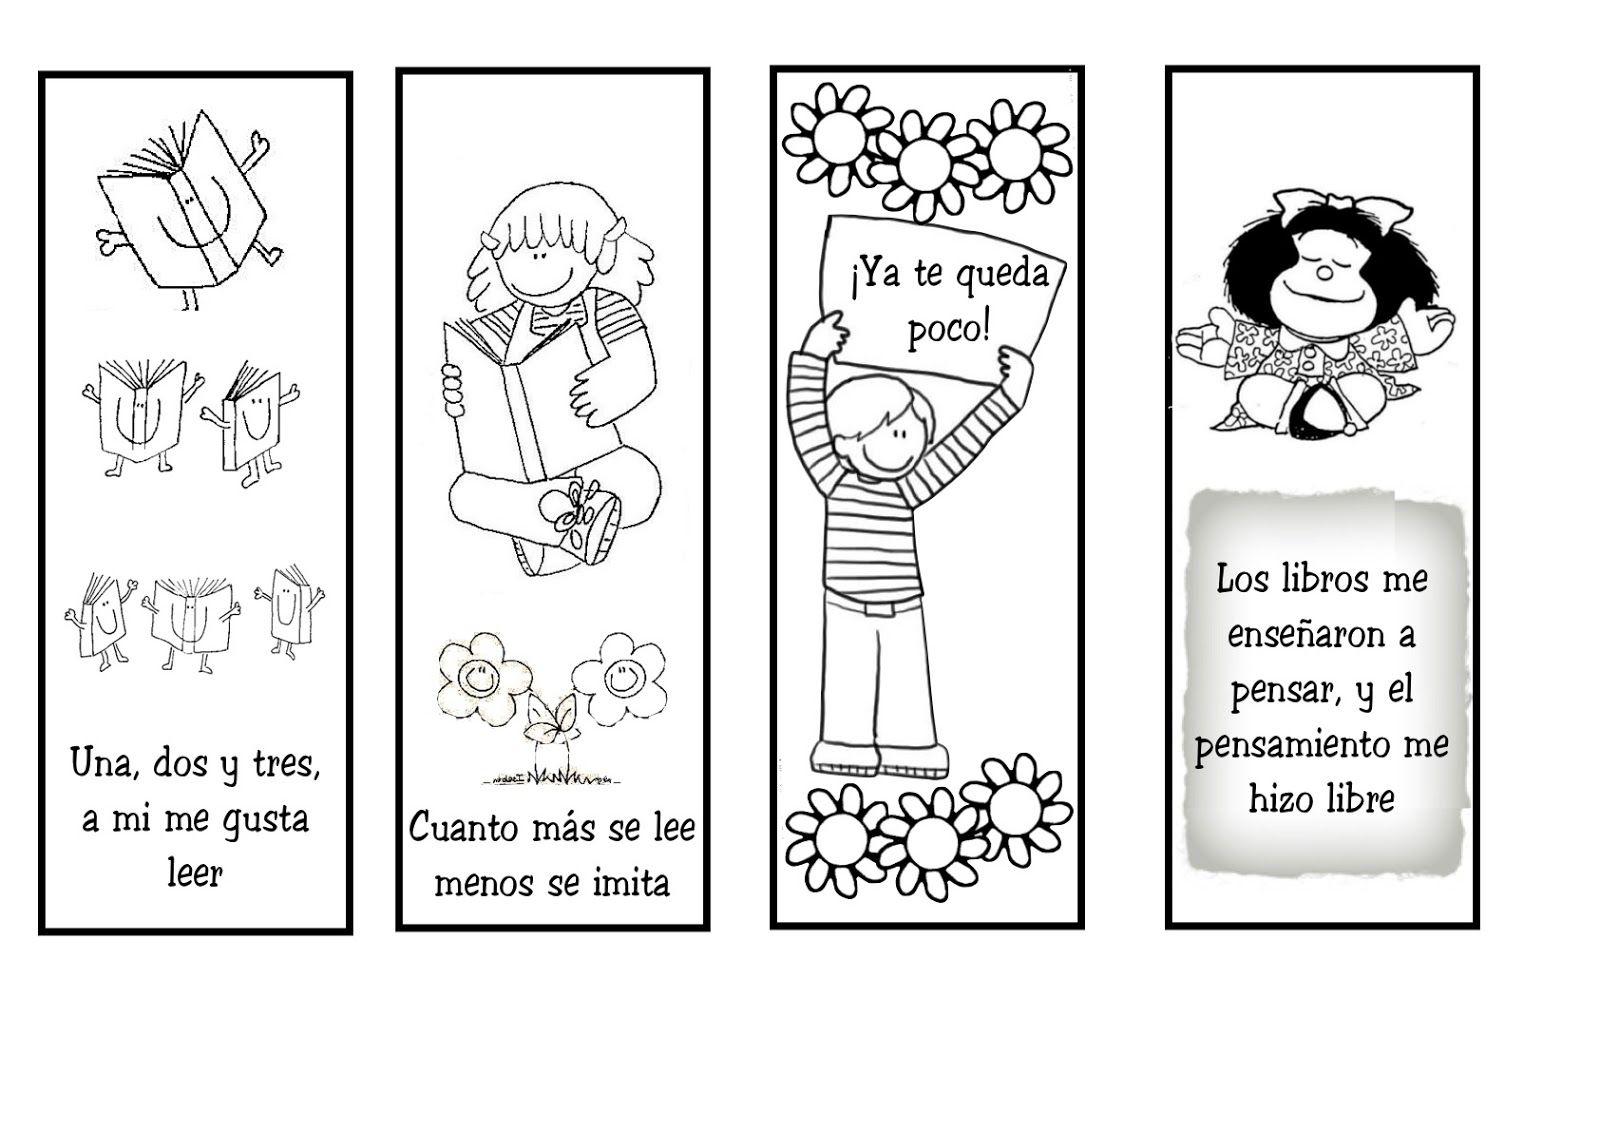 Marcapáginas para colorear   Marcapáginas, Colorear y Lectura